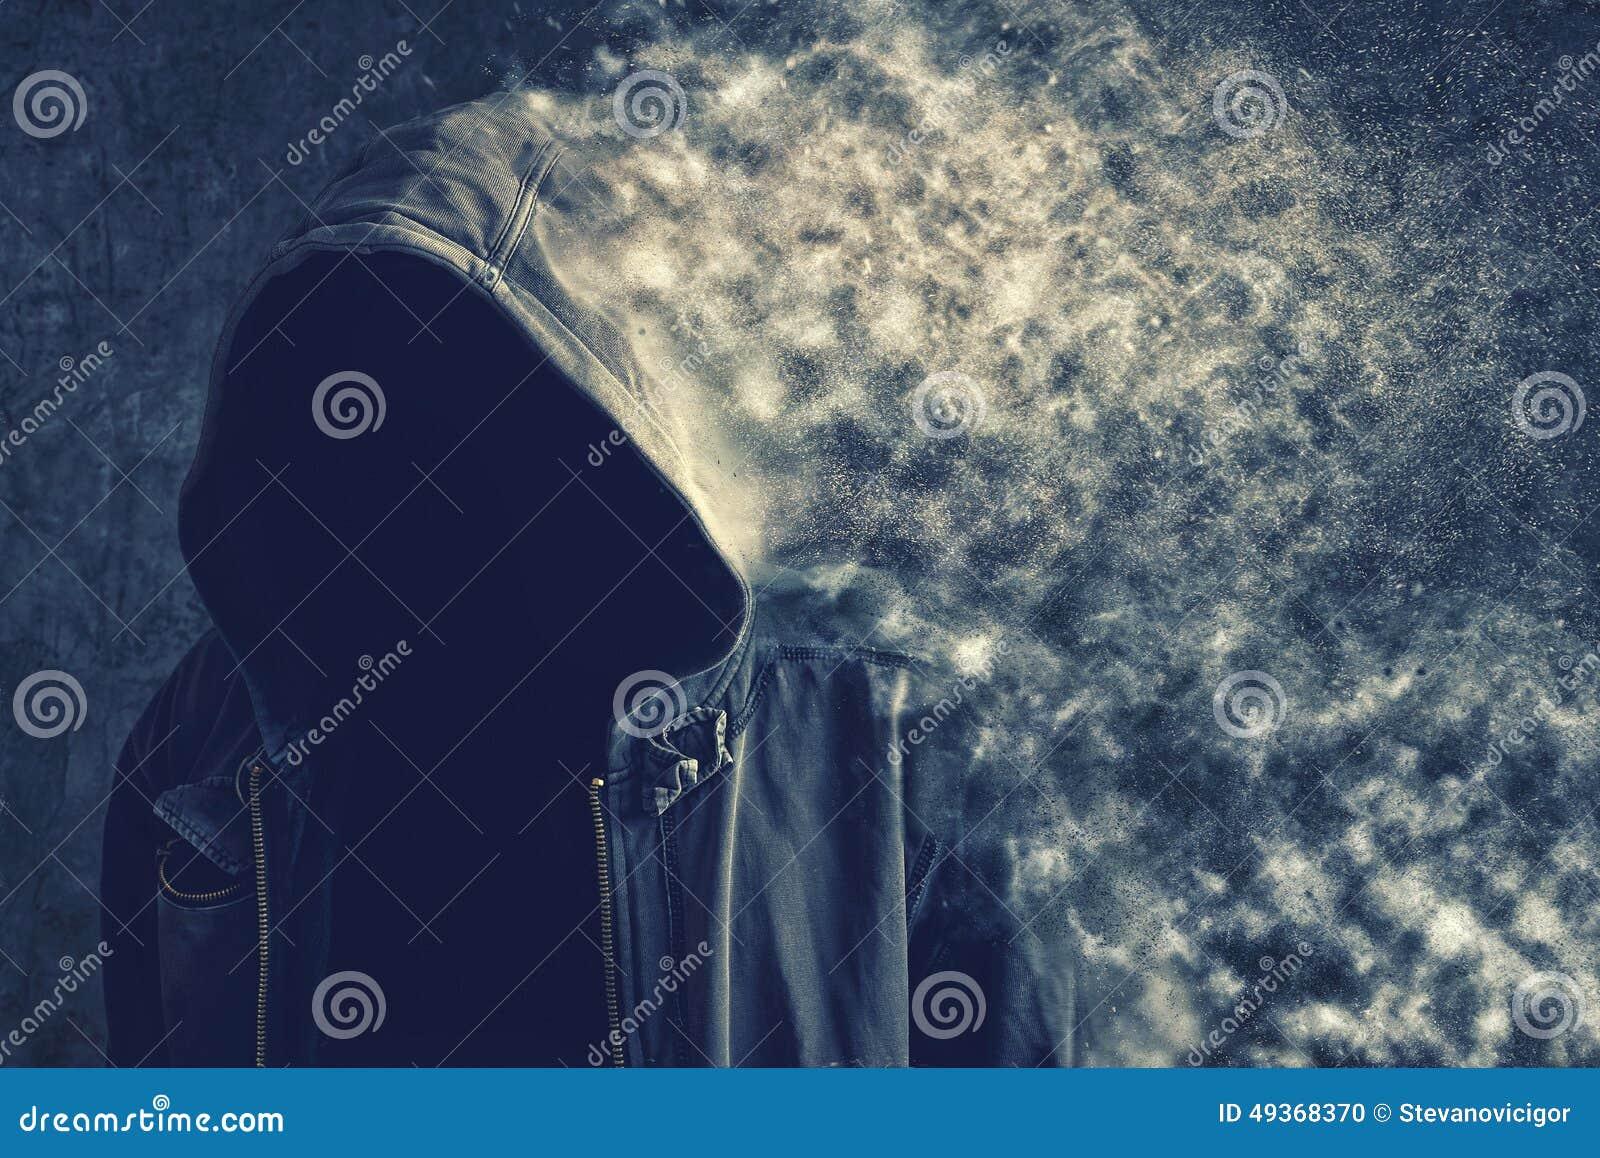 Beztwarzowy unrecognizable mężczyzna znika w pył